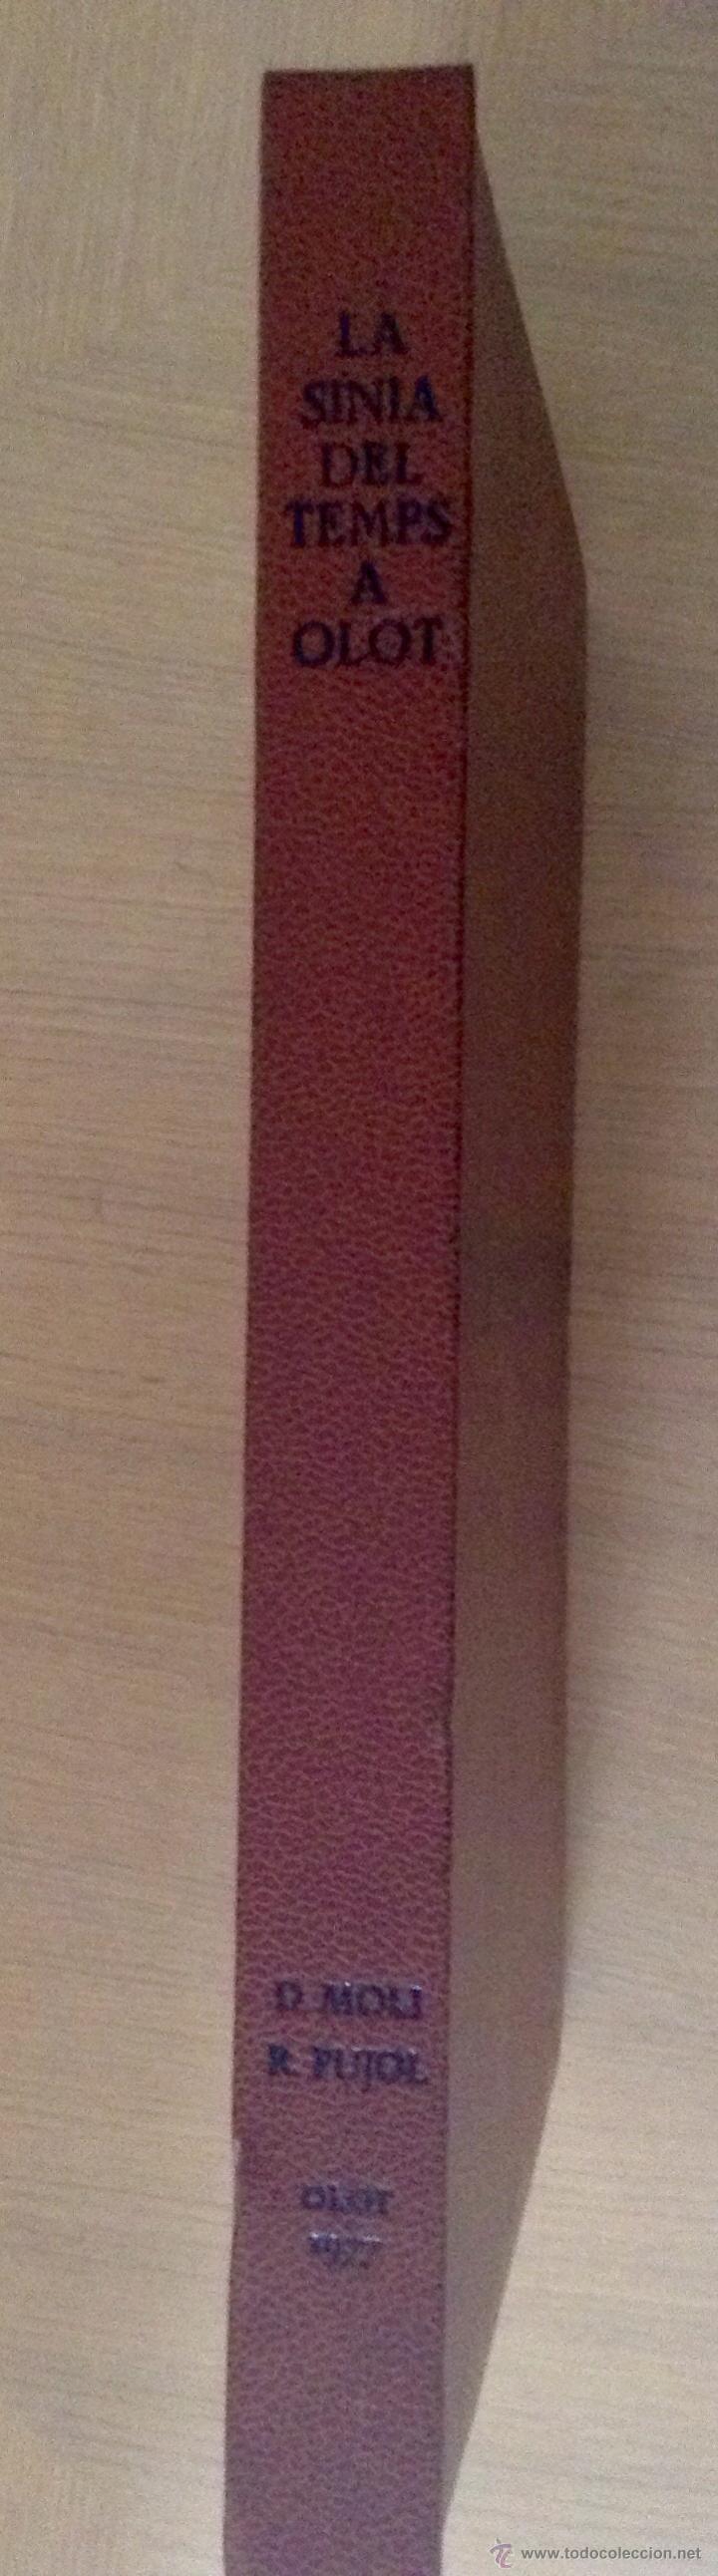 Libros de segunda mano: LA SINIA DEL TEMPS A OLOT Domenec Molí , Ilustraciones Ramon Pujol. - Foto 2 - 46437973